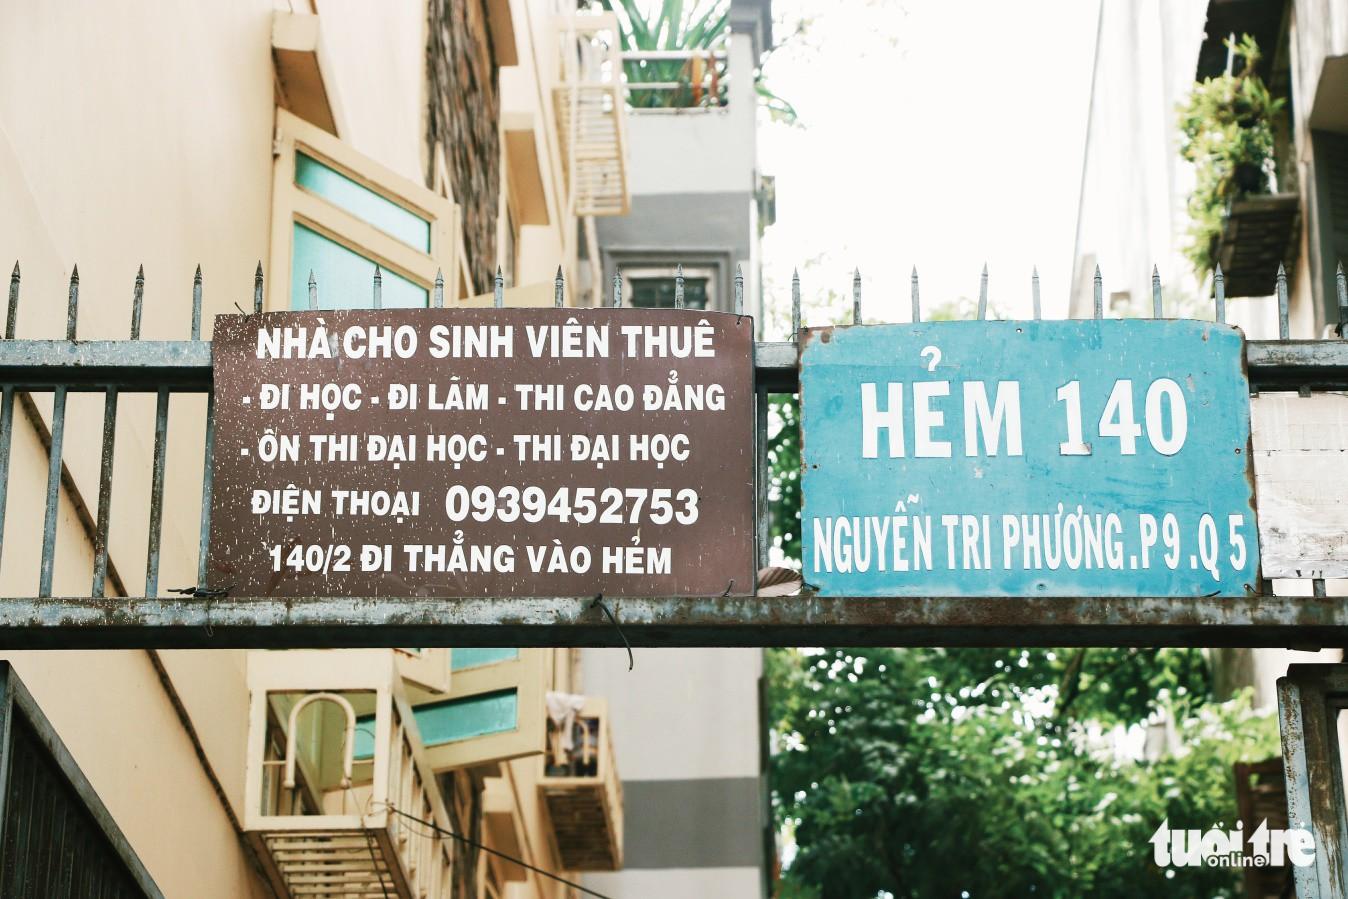 Nhìn những biển hiệu này để thấy Sài Gòn quá đỗi dễ thương - Ảnh 14.